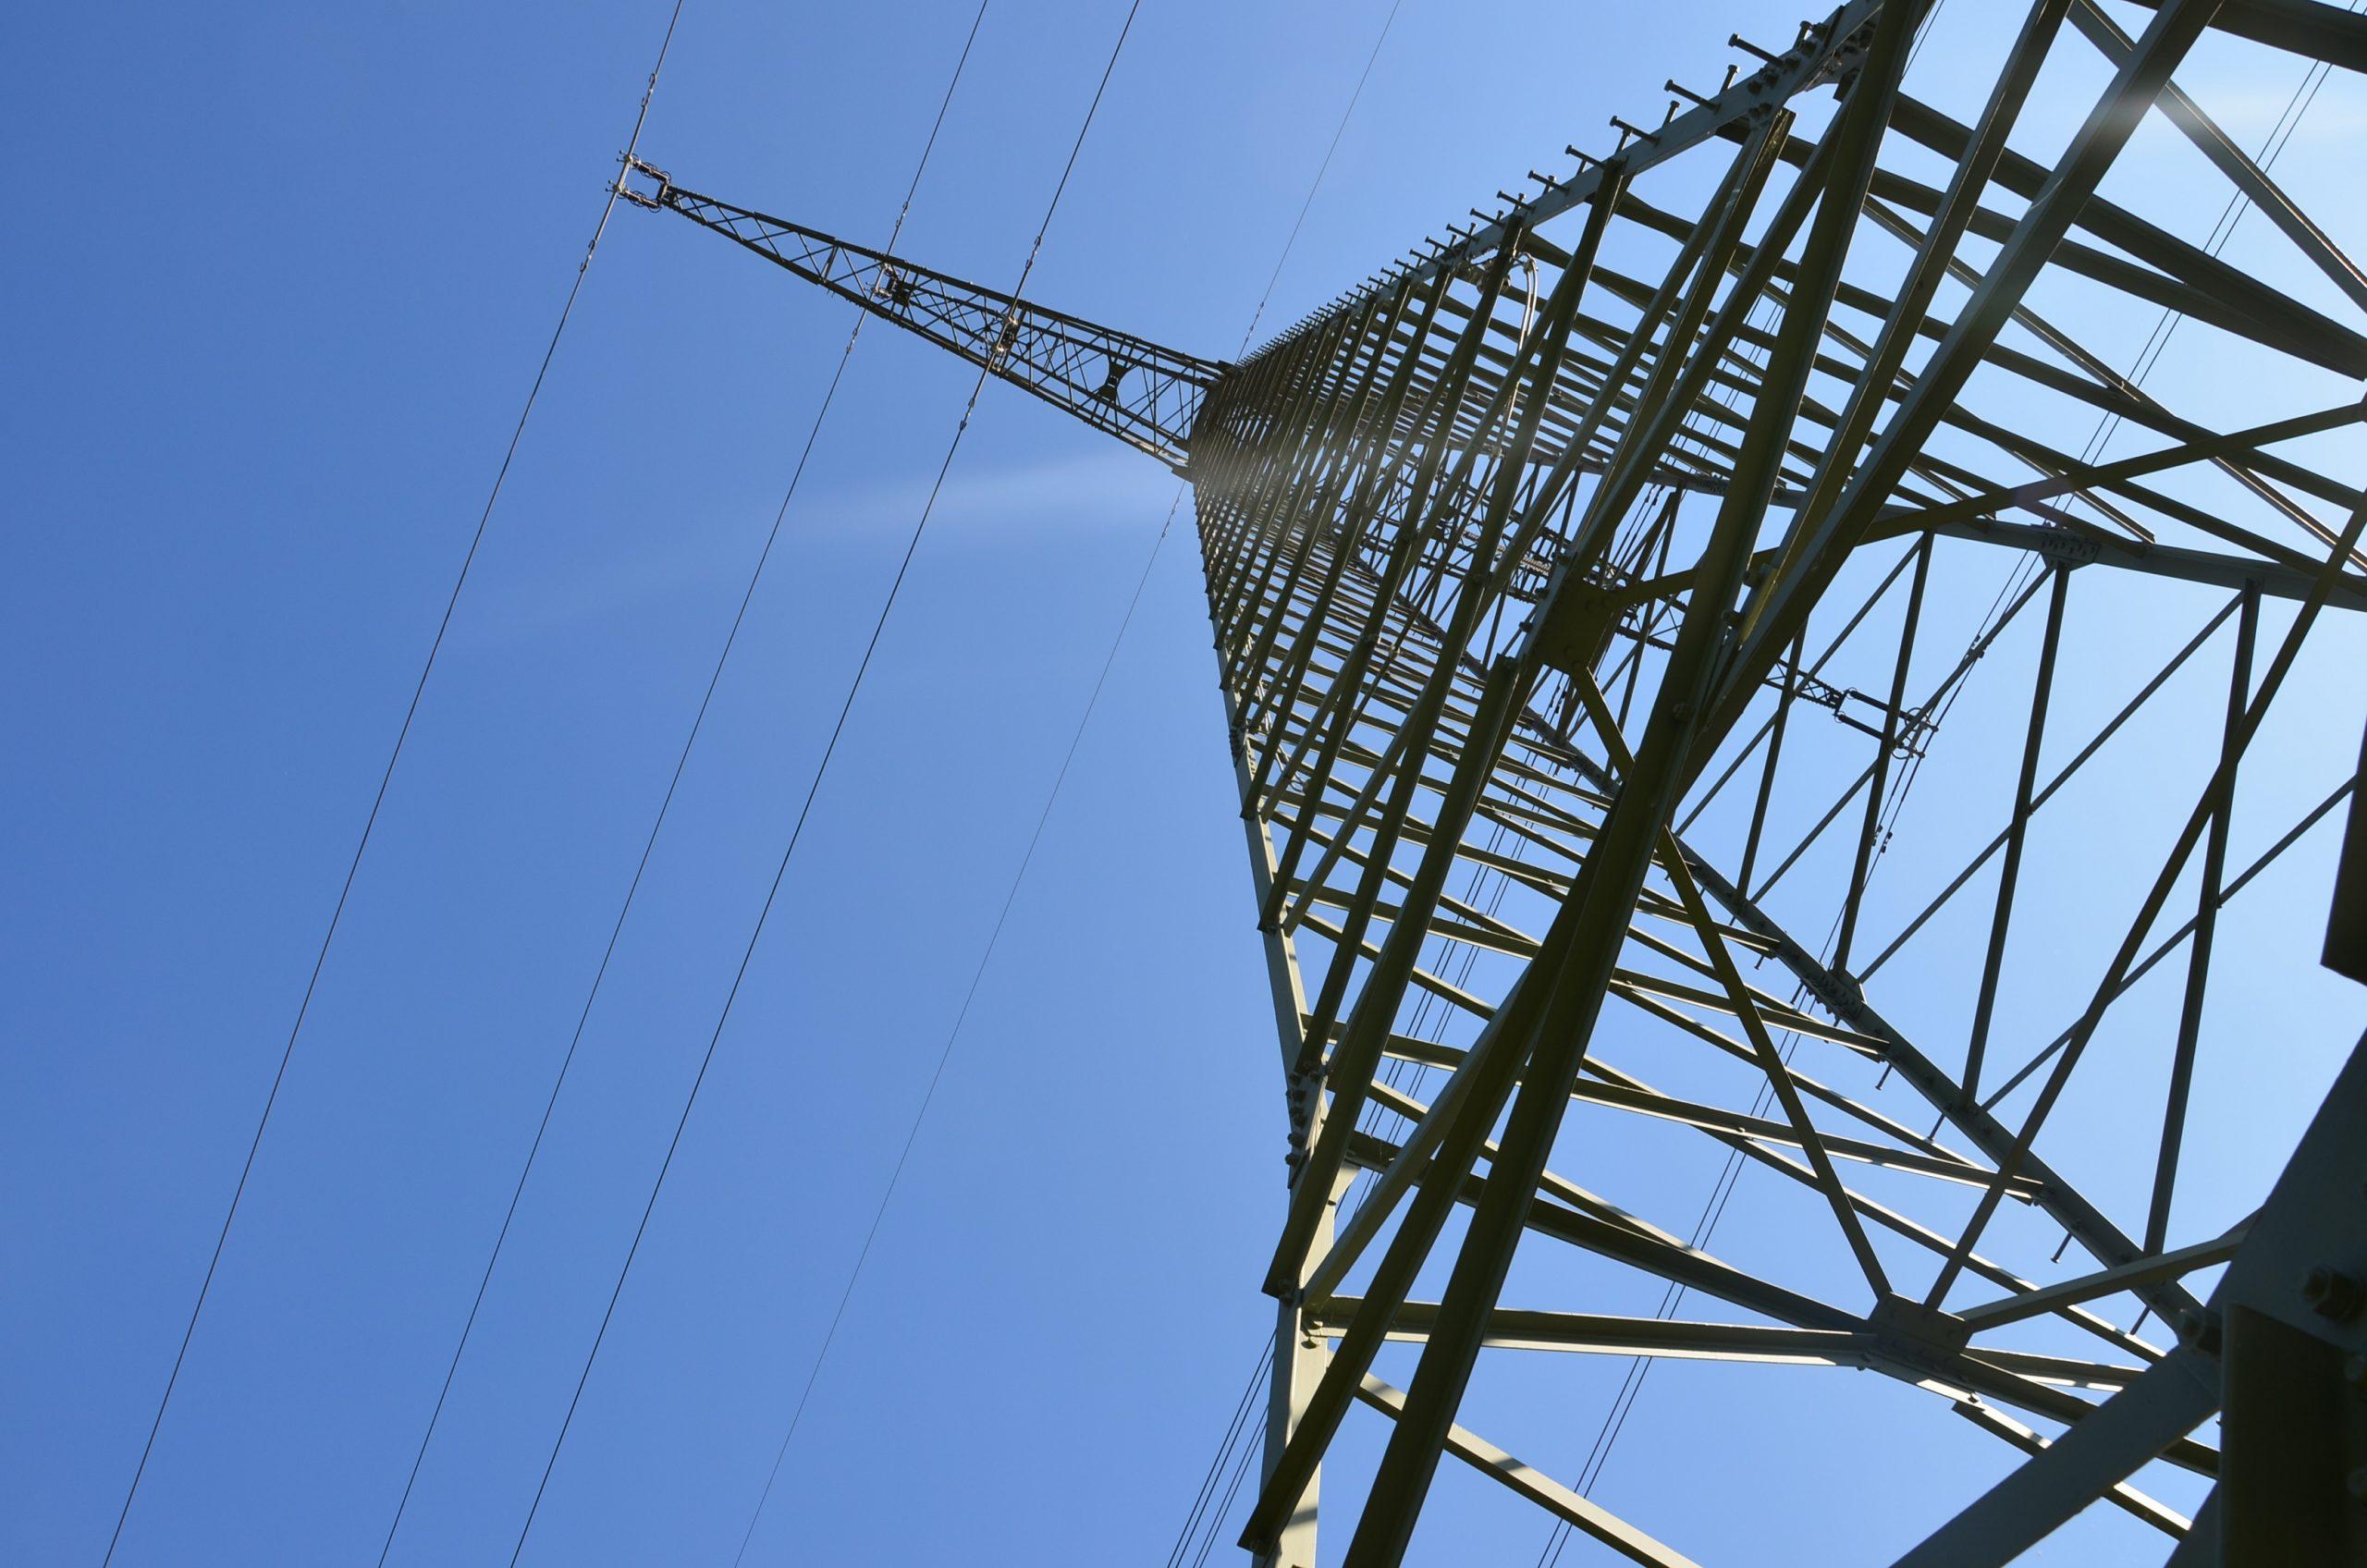 C.A.R.M.E.N. e.V. informiert online über Vermarktungsinstrumente für Erneuerbare Energien